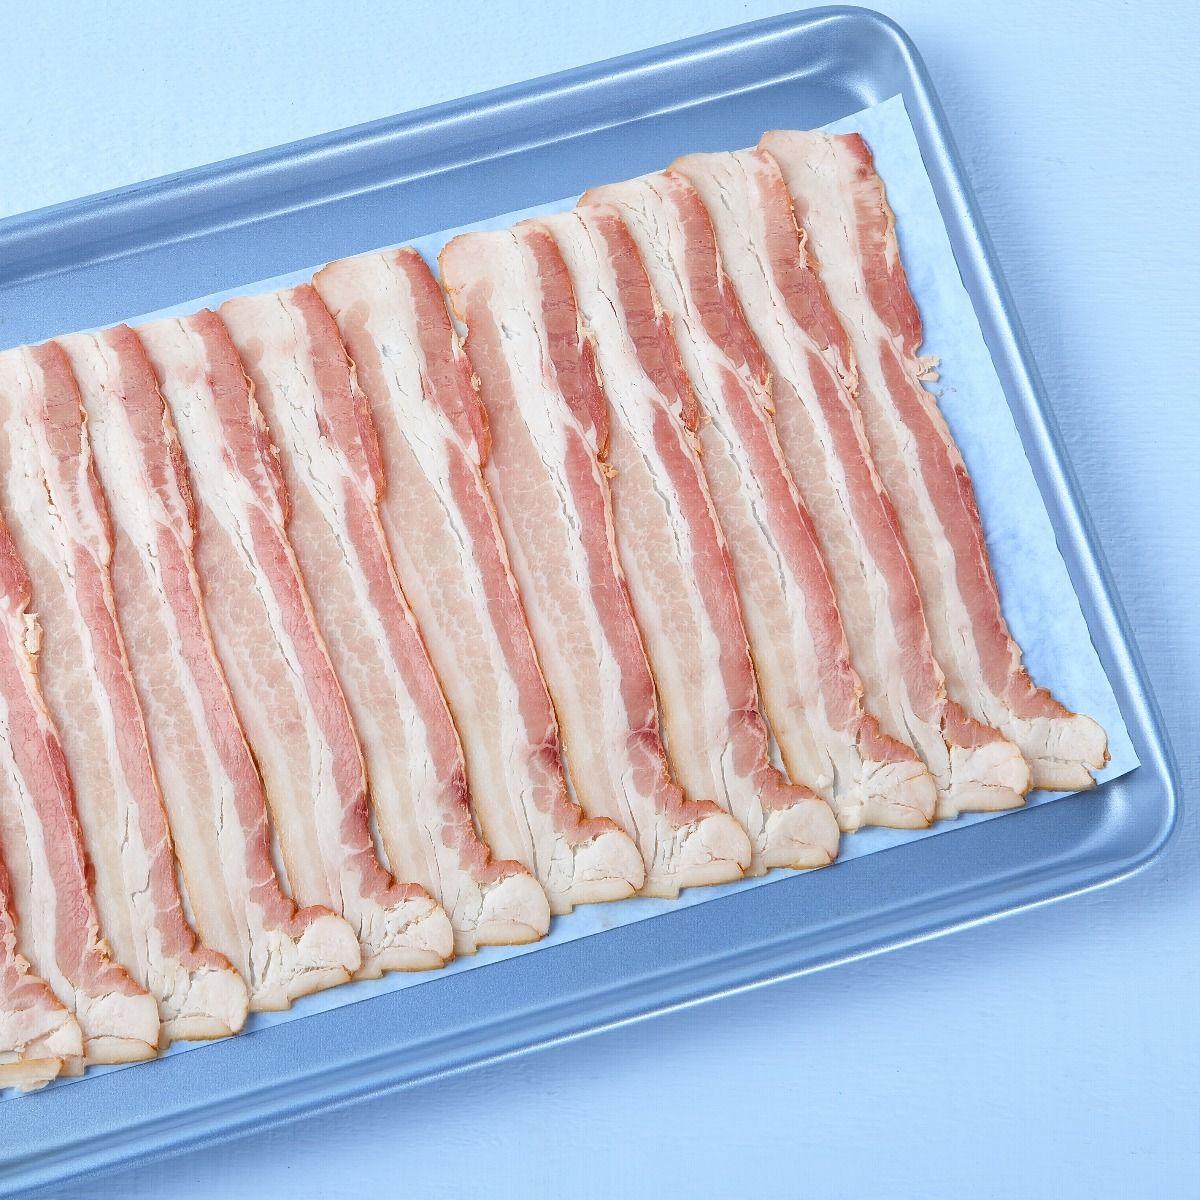 Bacon18-22 étalé